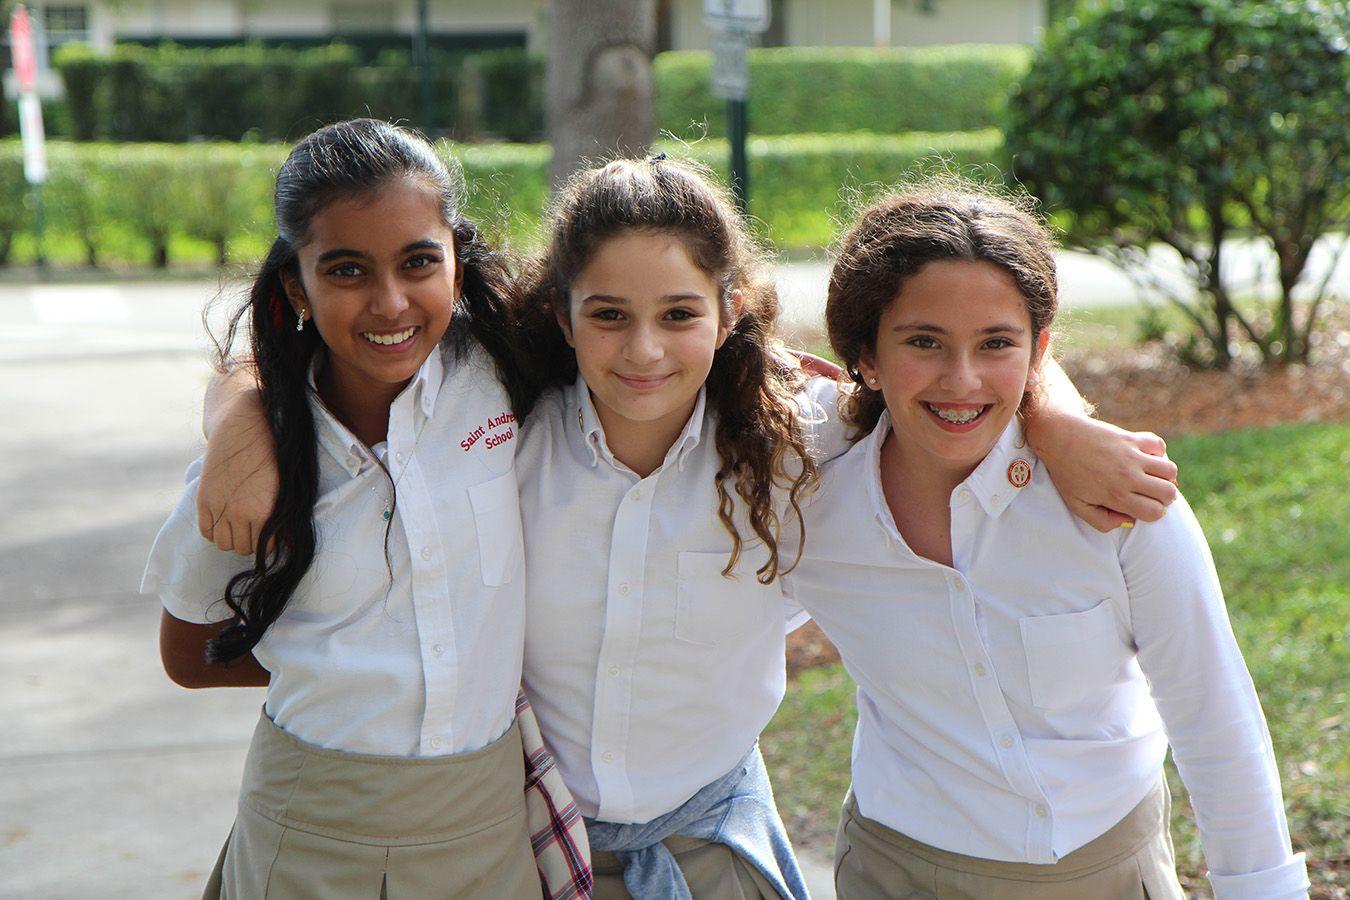 Eine Gruppe von Schülerinnen in Schuluniform